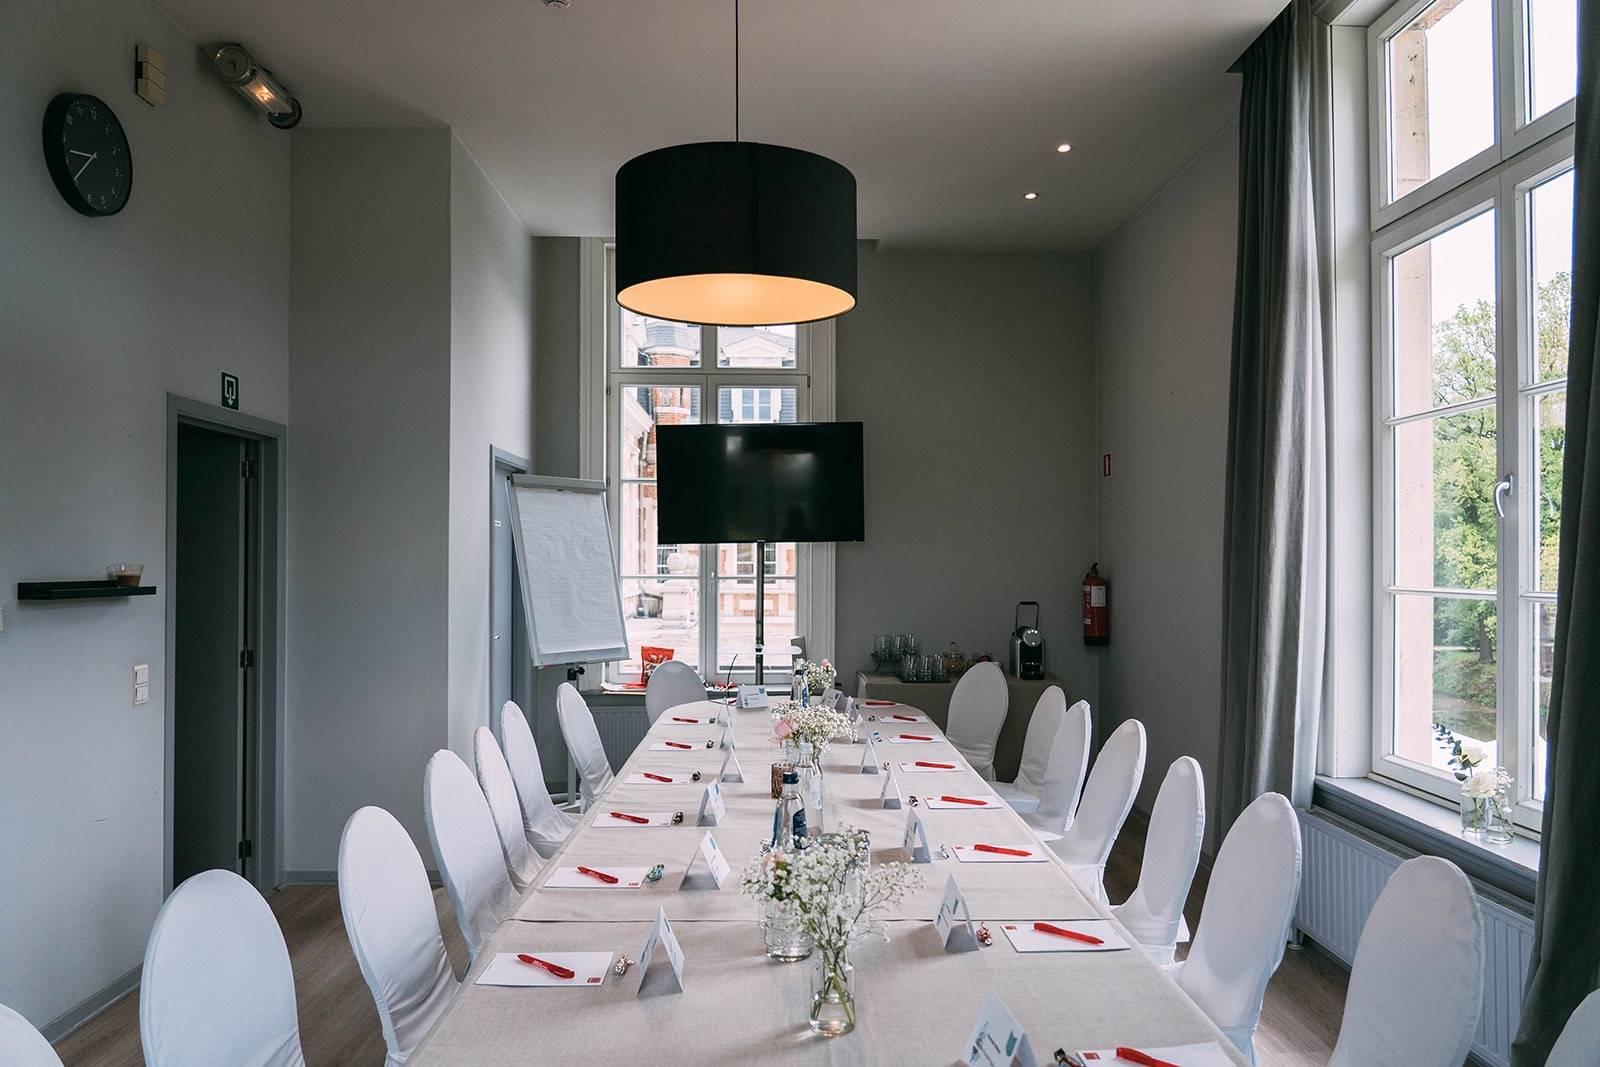 Kasteel Van Brasschaat - Eventlocatie - Feestzaal - Trouwzaal - House of Events & House of Weddings - 14